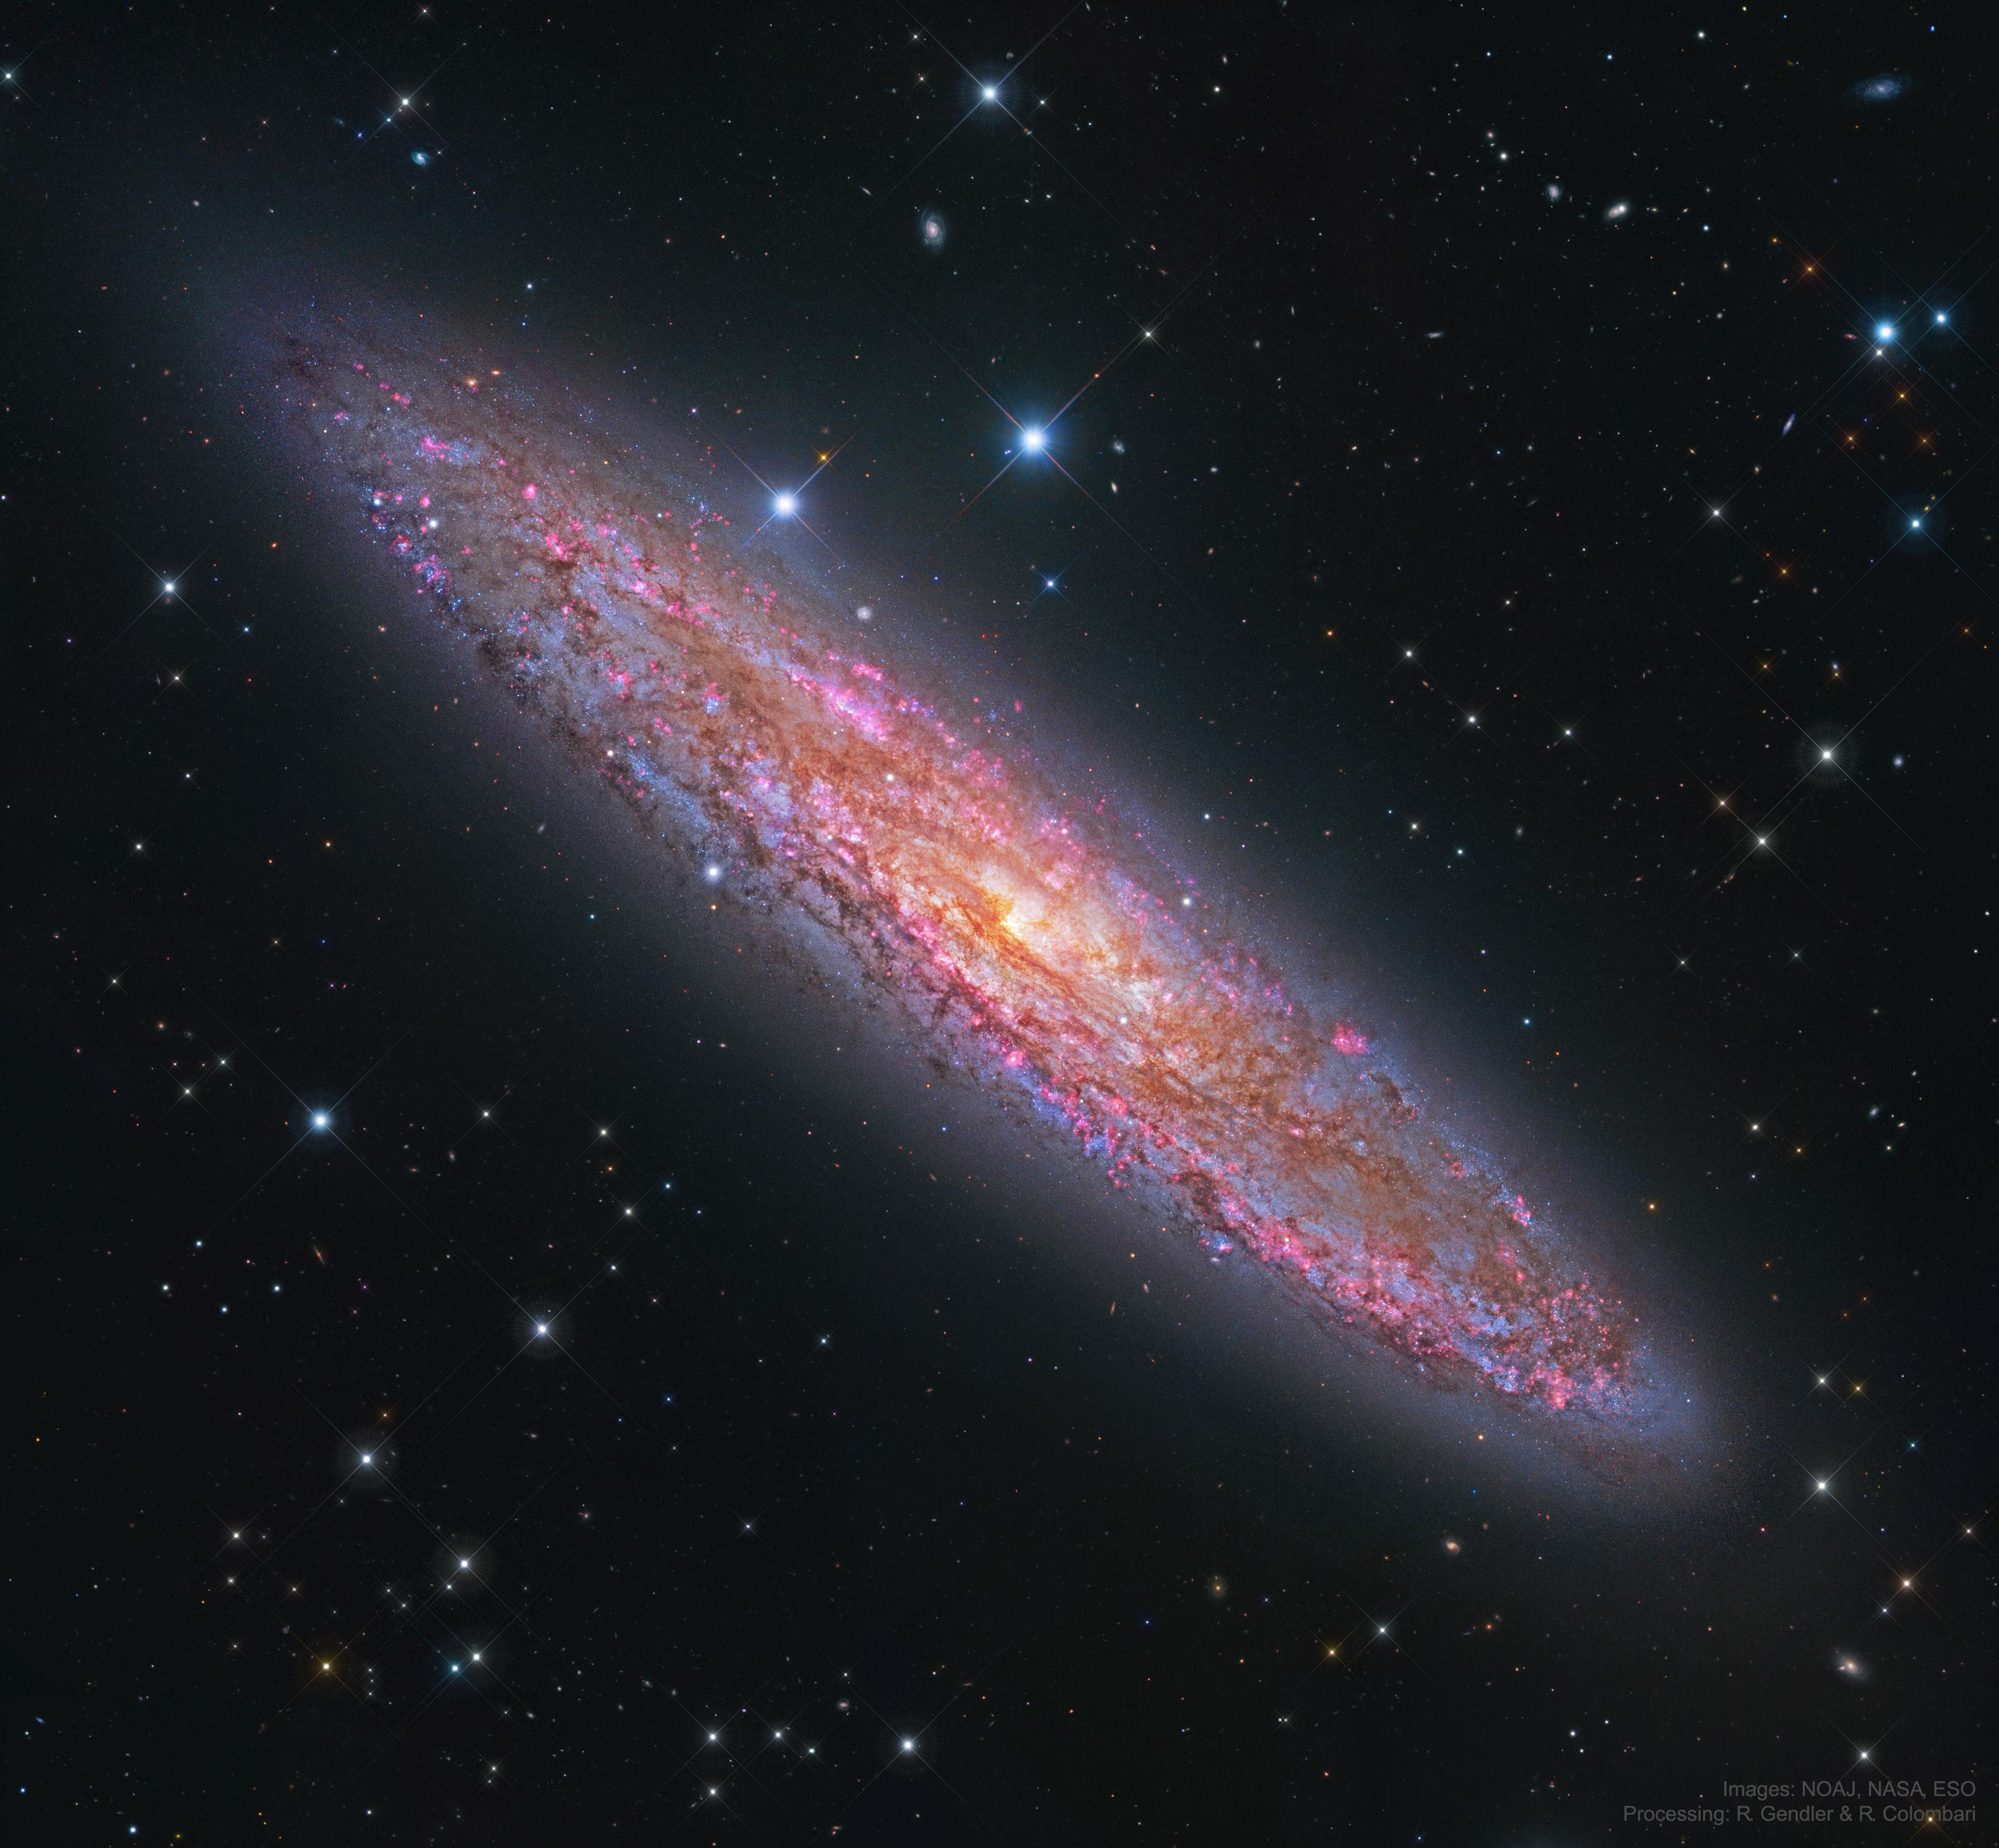 NGC253_HstSubaruEsoNew_3500